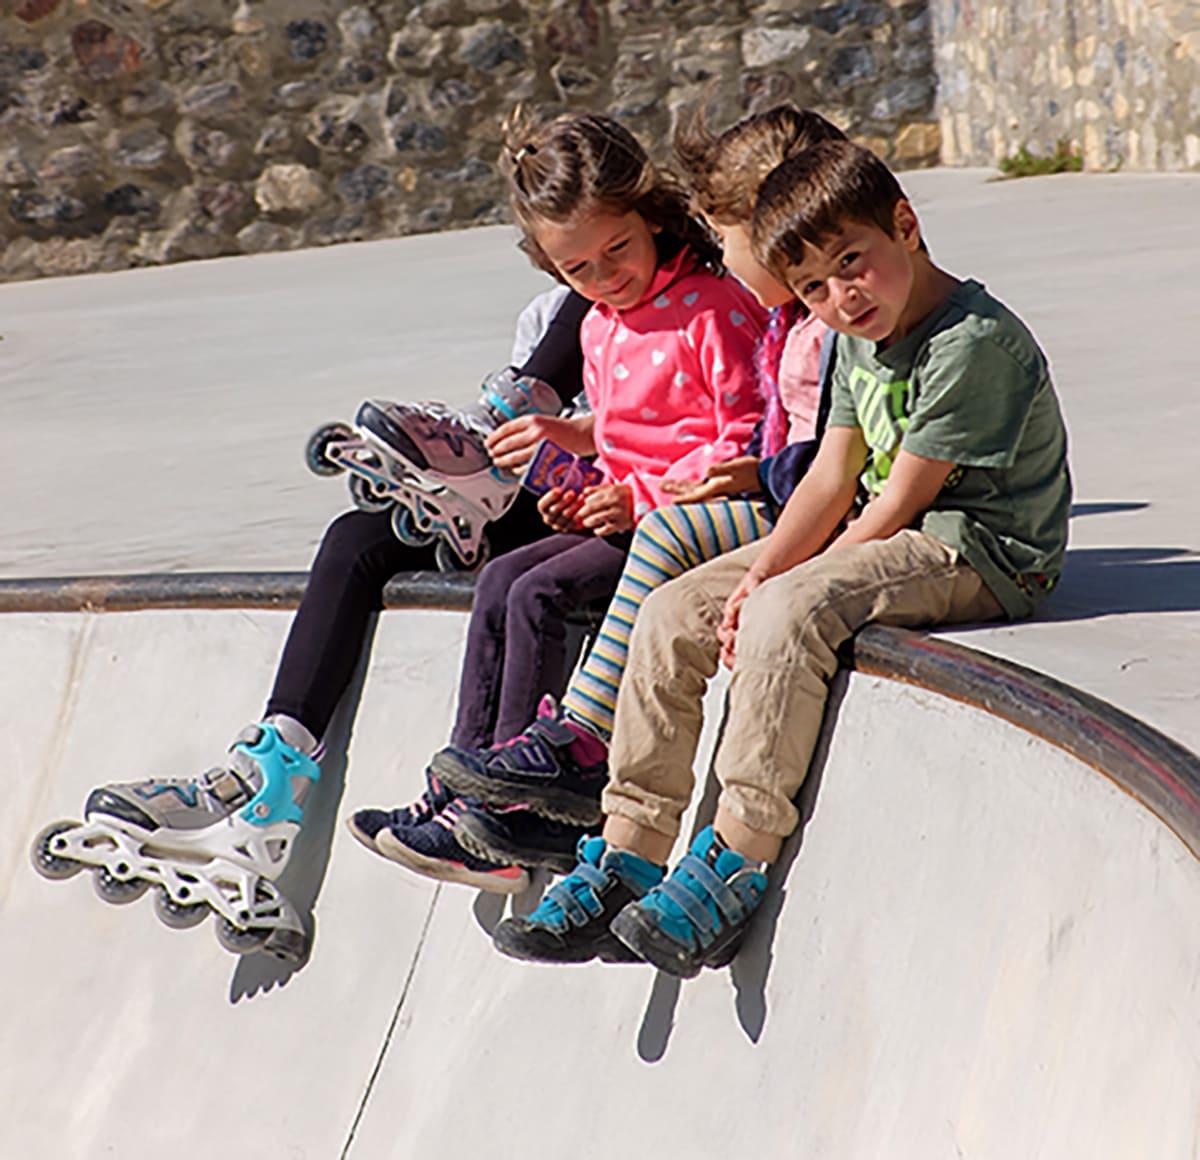 mejor parque skate Granada